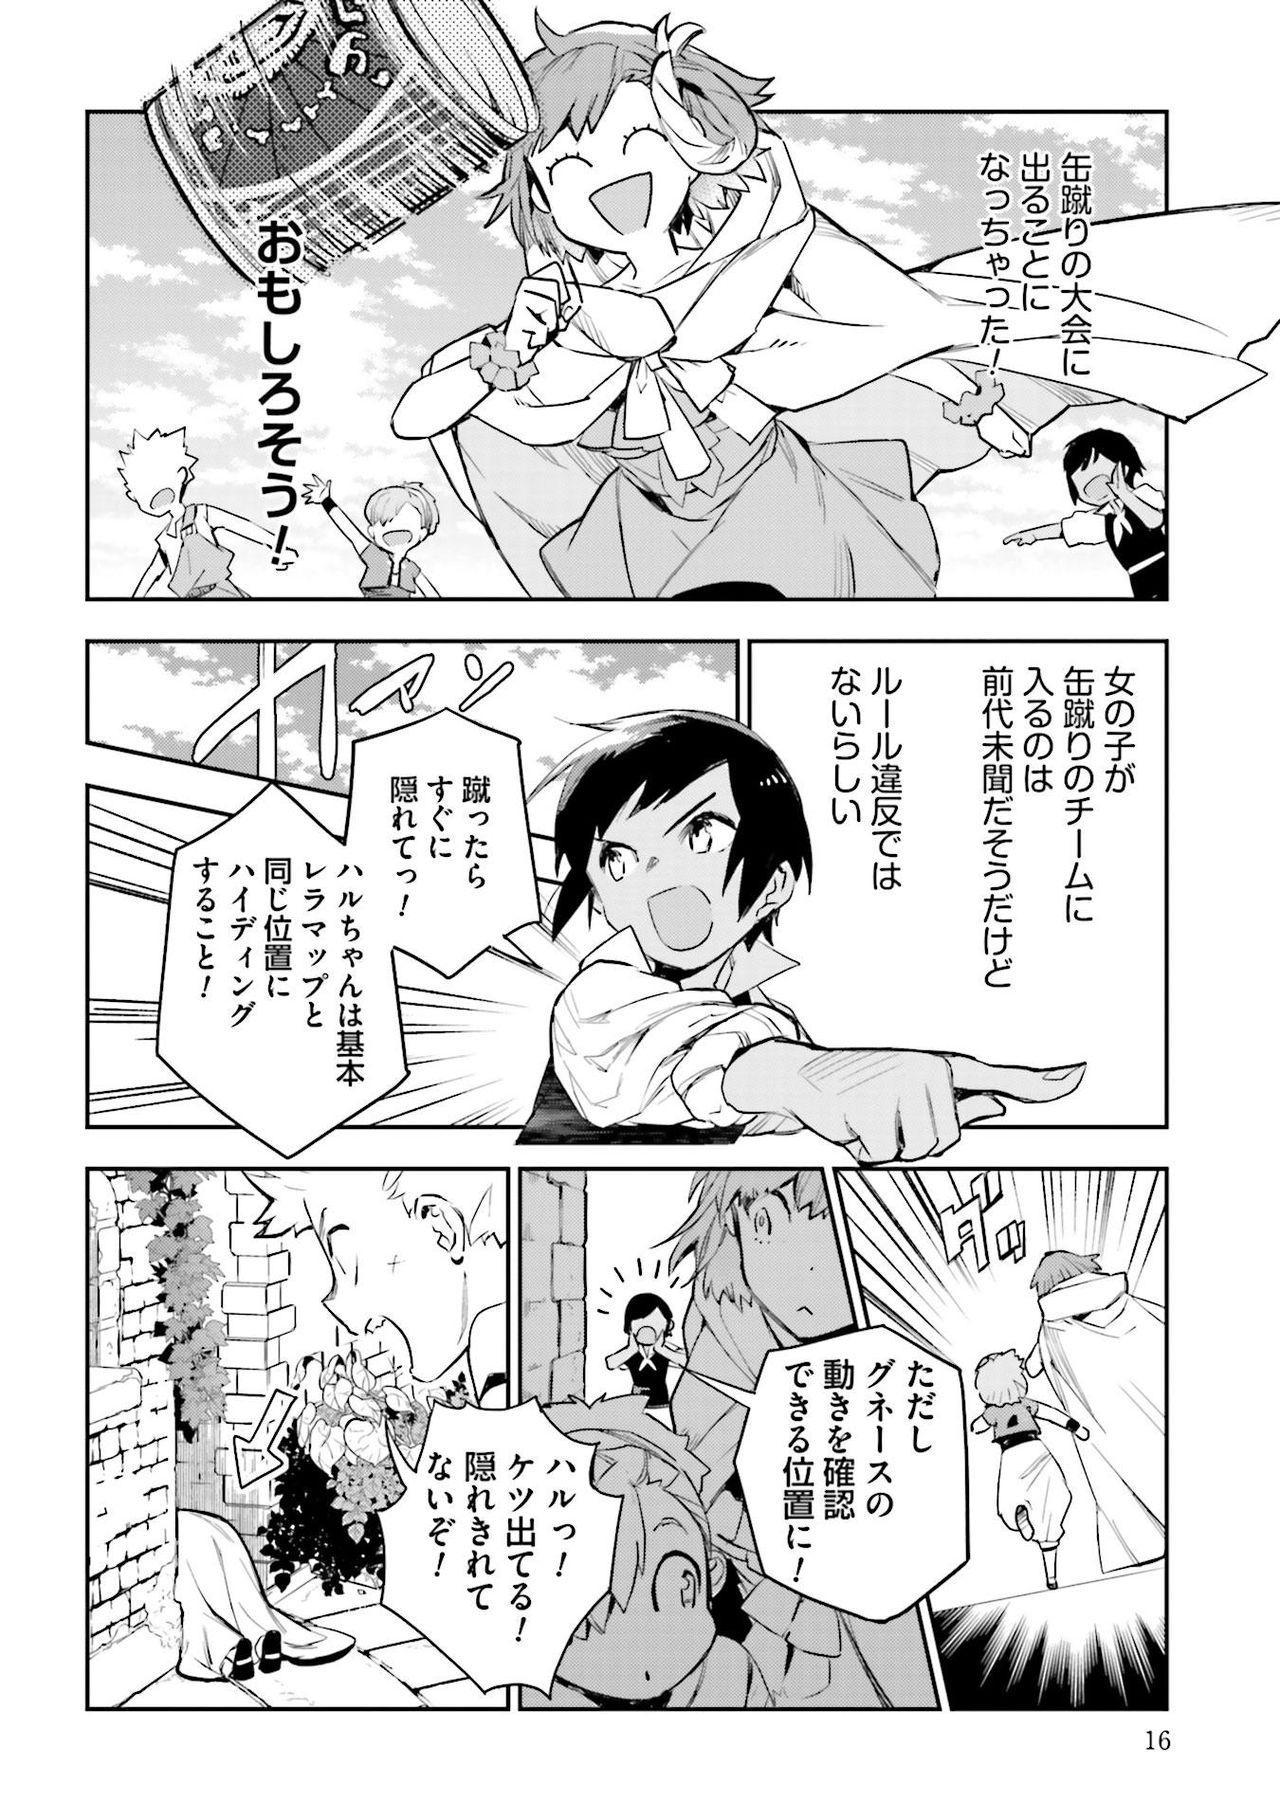 JK Haru wa Isekai de Shoufu ni Natta 1-14 375